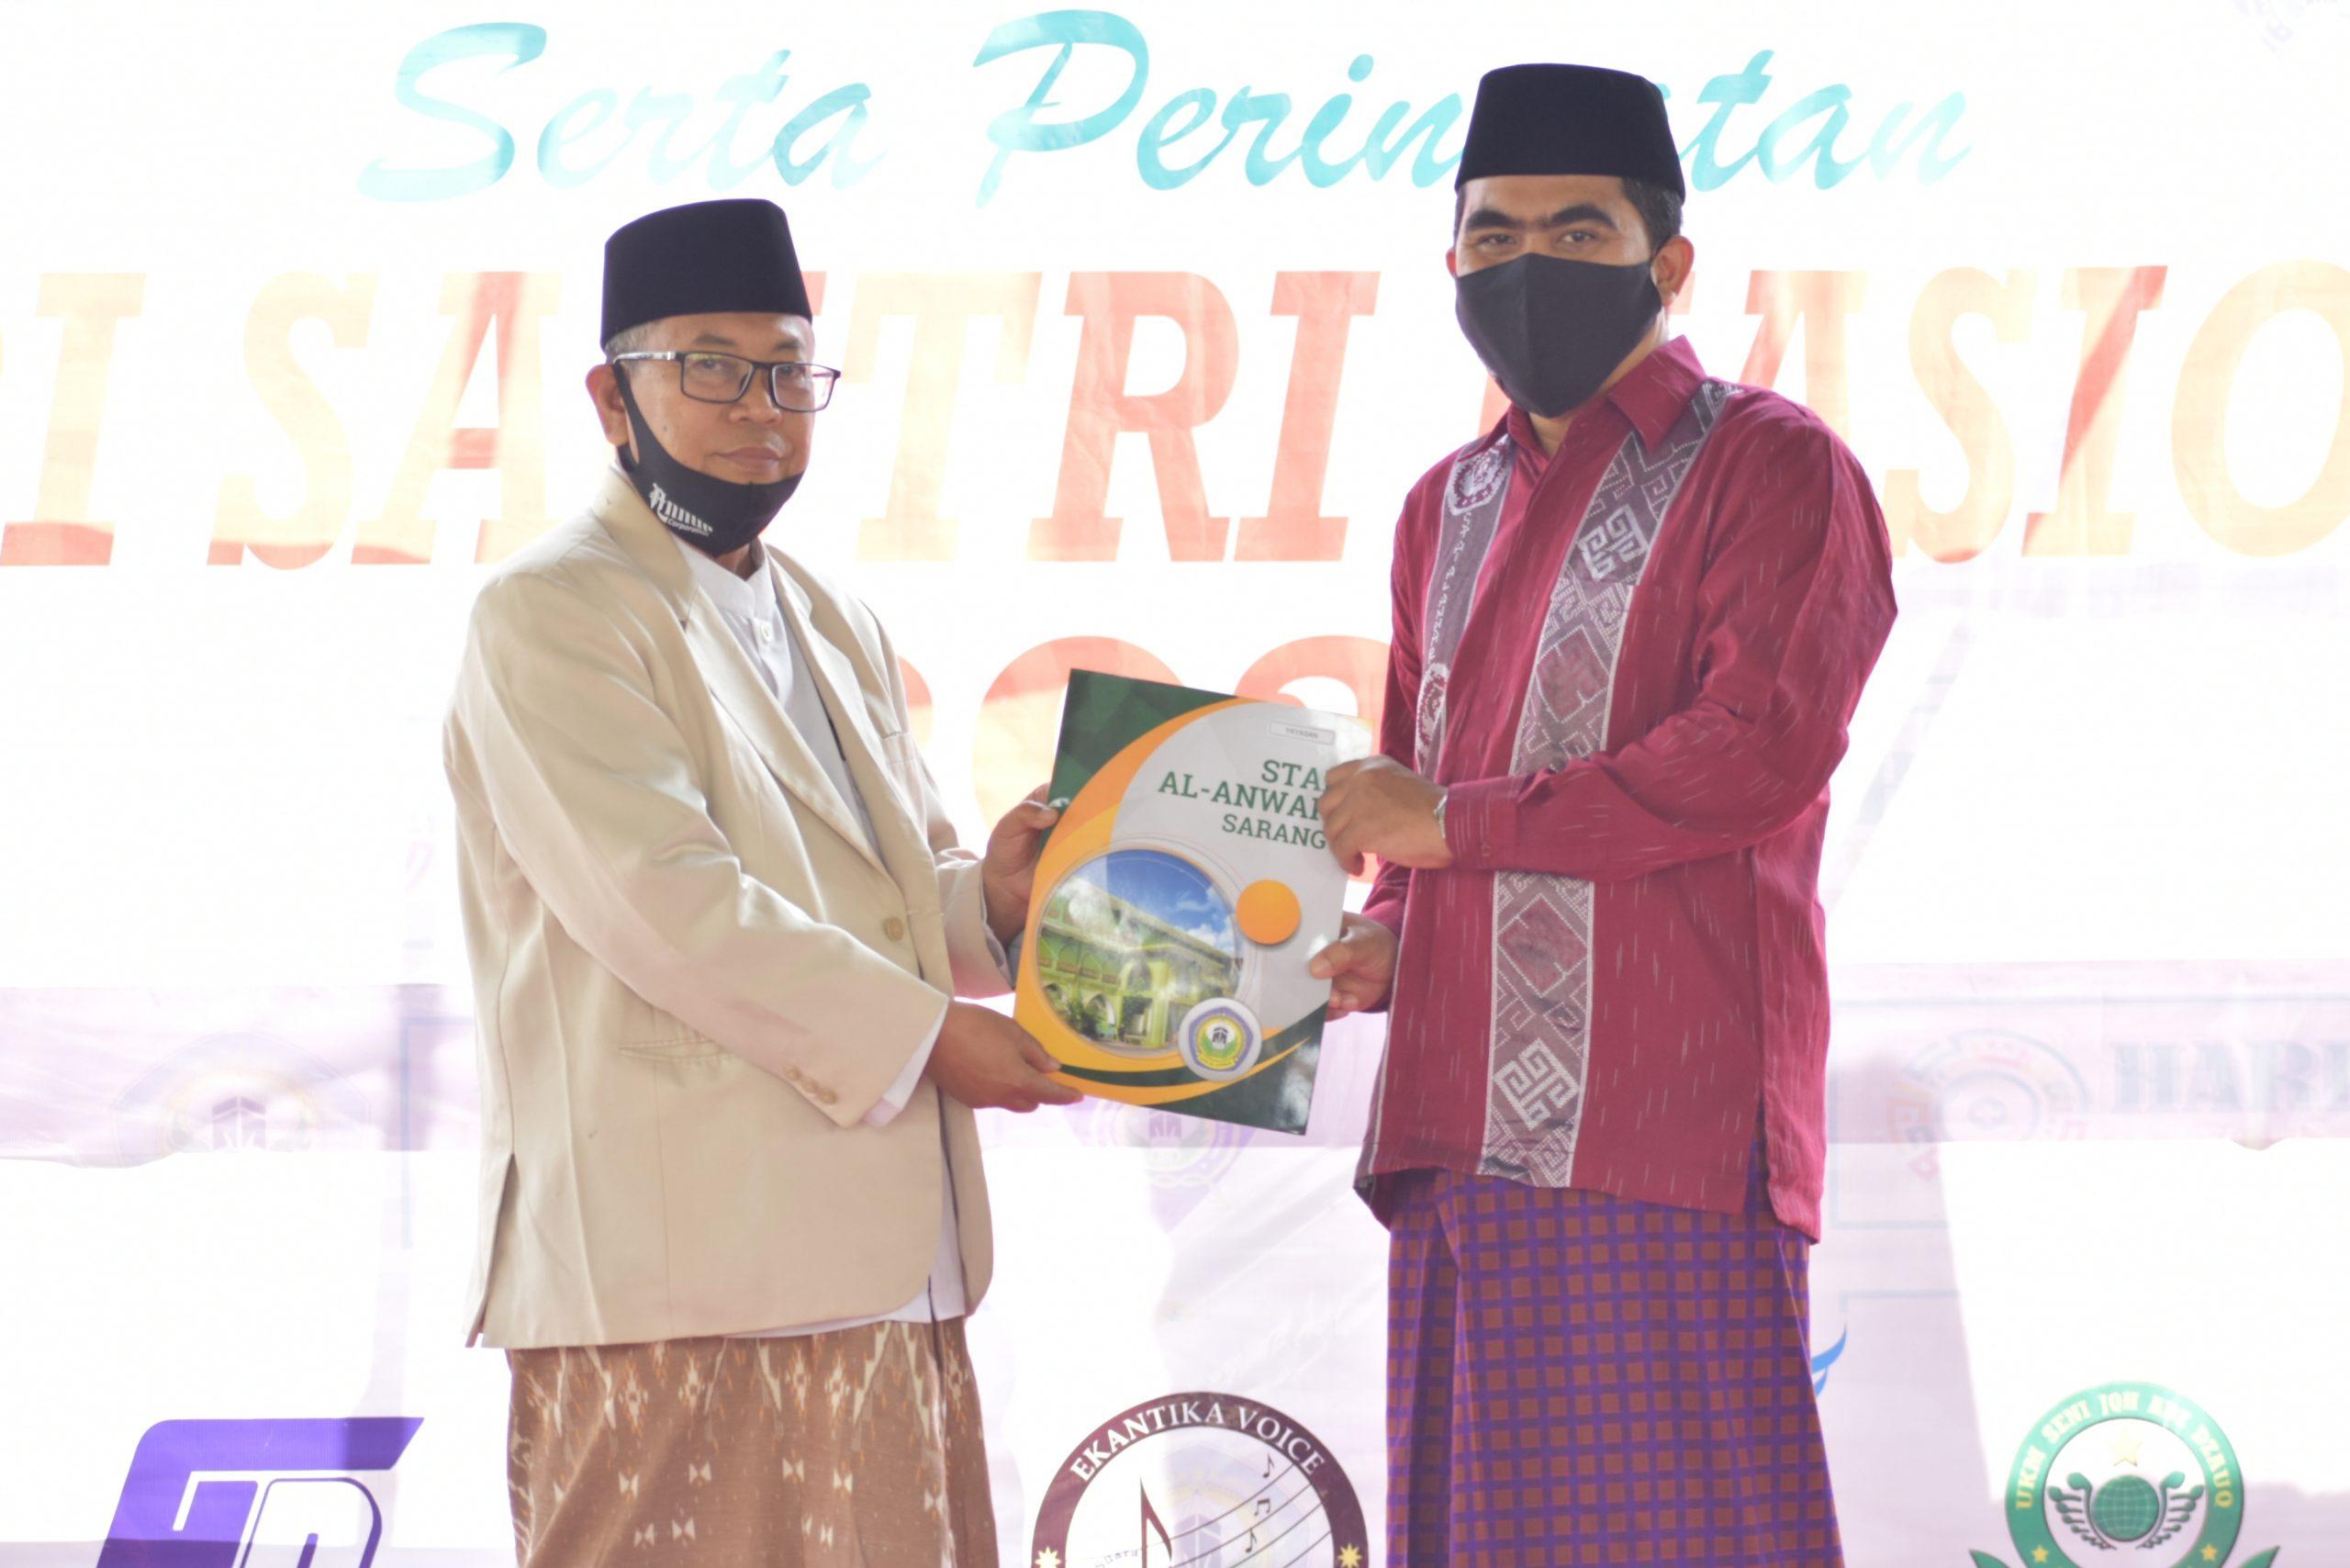 Pelantikan Pimpinan, Kepala Lembaga, dan Organisasi Mahasiswa Stai Al-Anwar Sarang